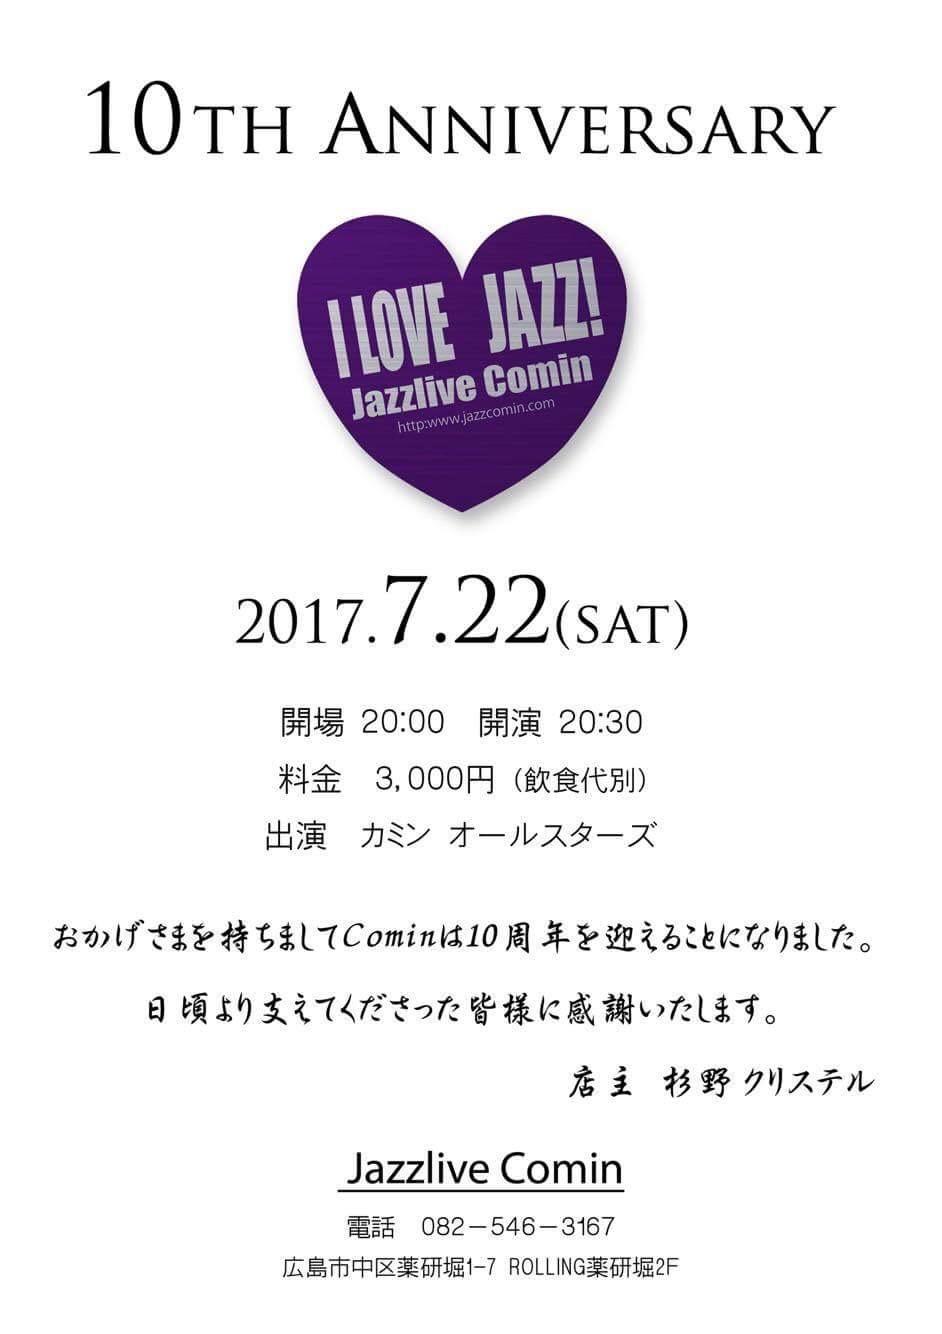 Jazzlive comin 本日 10周年 を迎えます。_b0115606_12101297.jpg